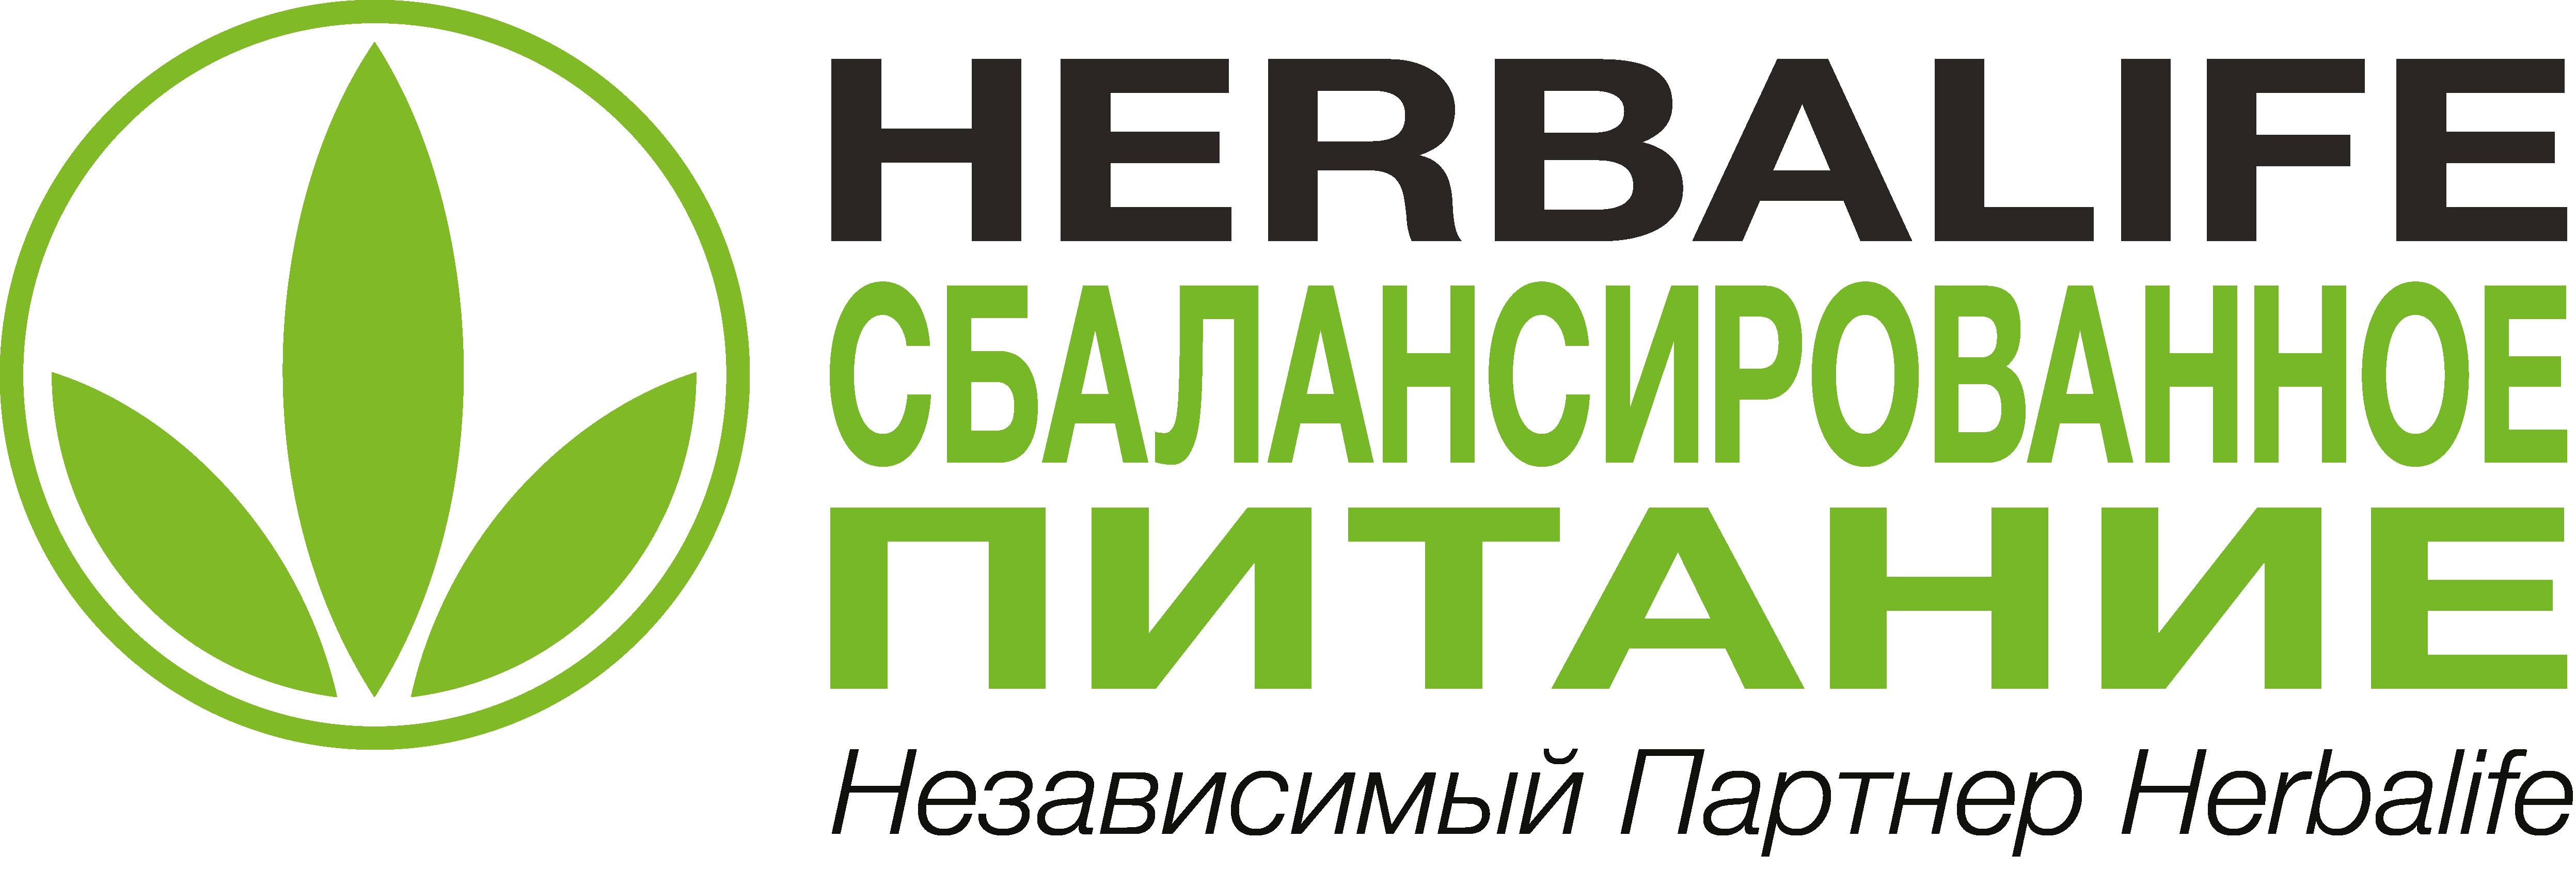 Ольга Парфенова – Независимый Партнер Гербалайф